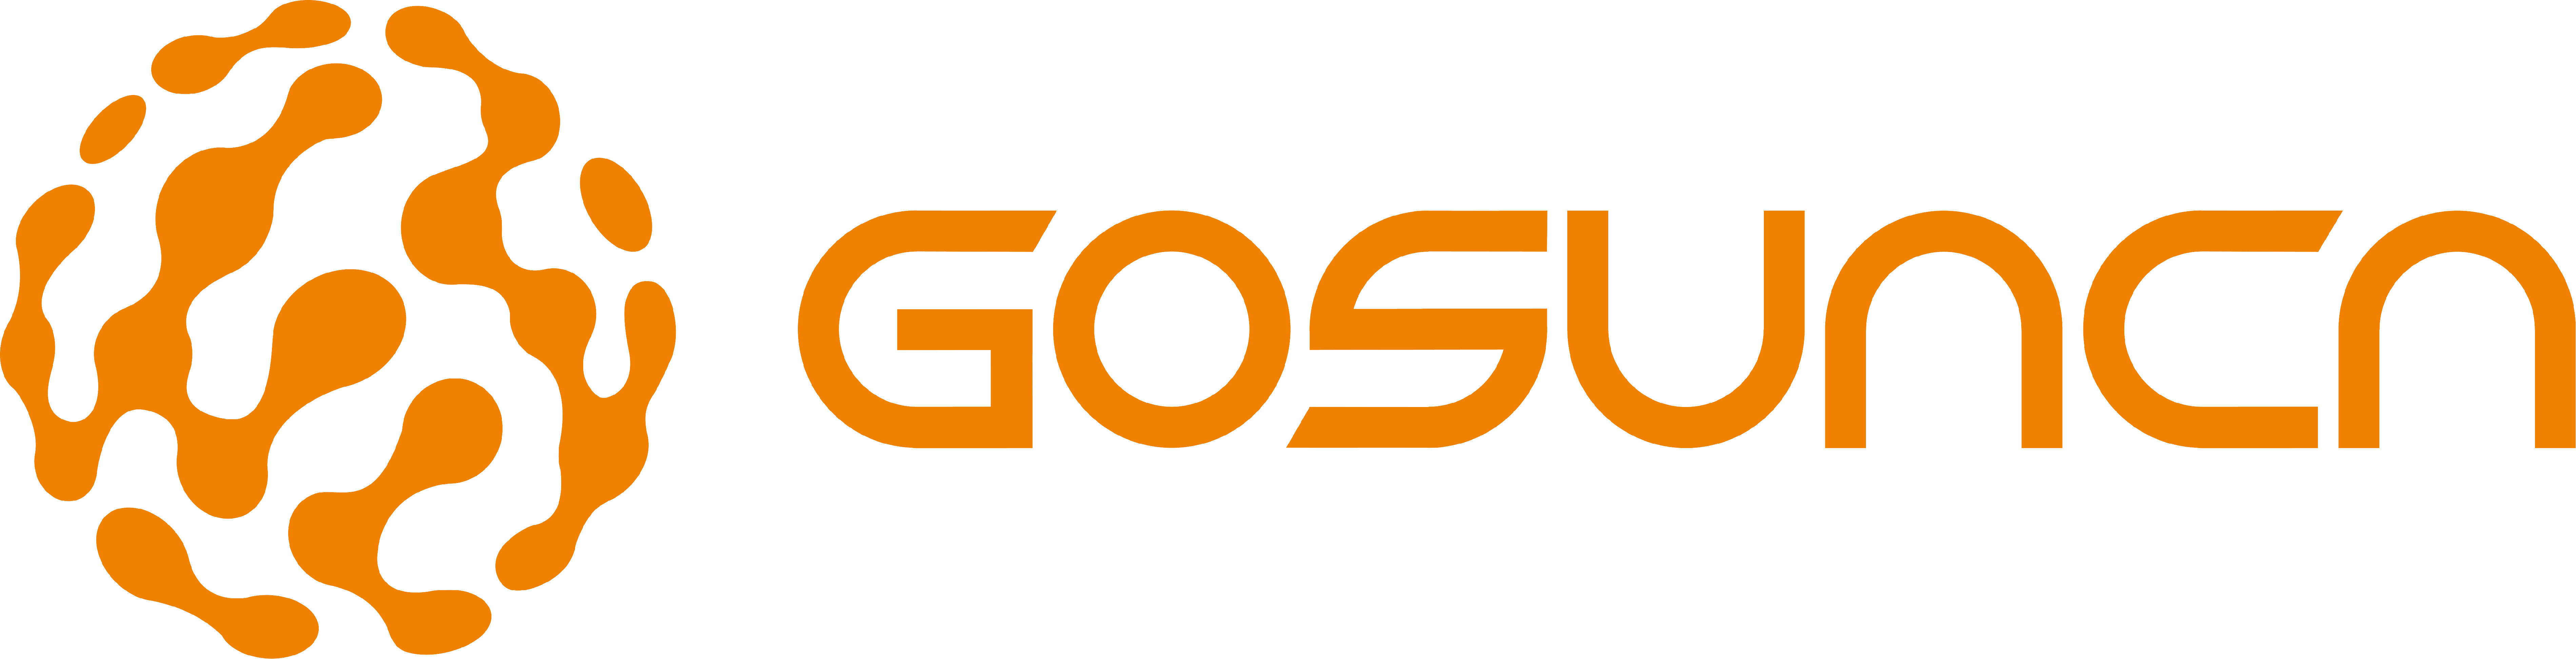 Gosuncn